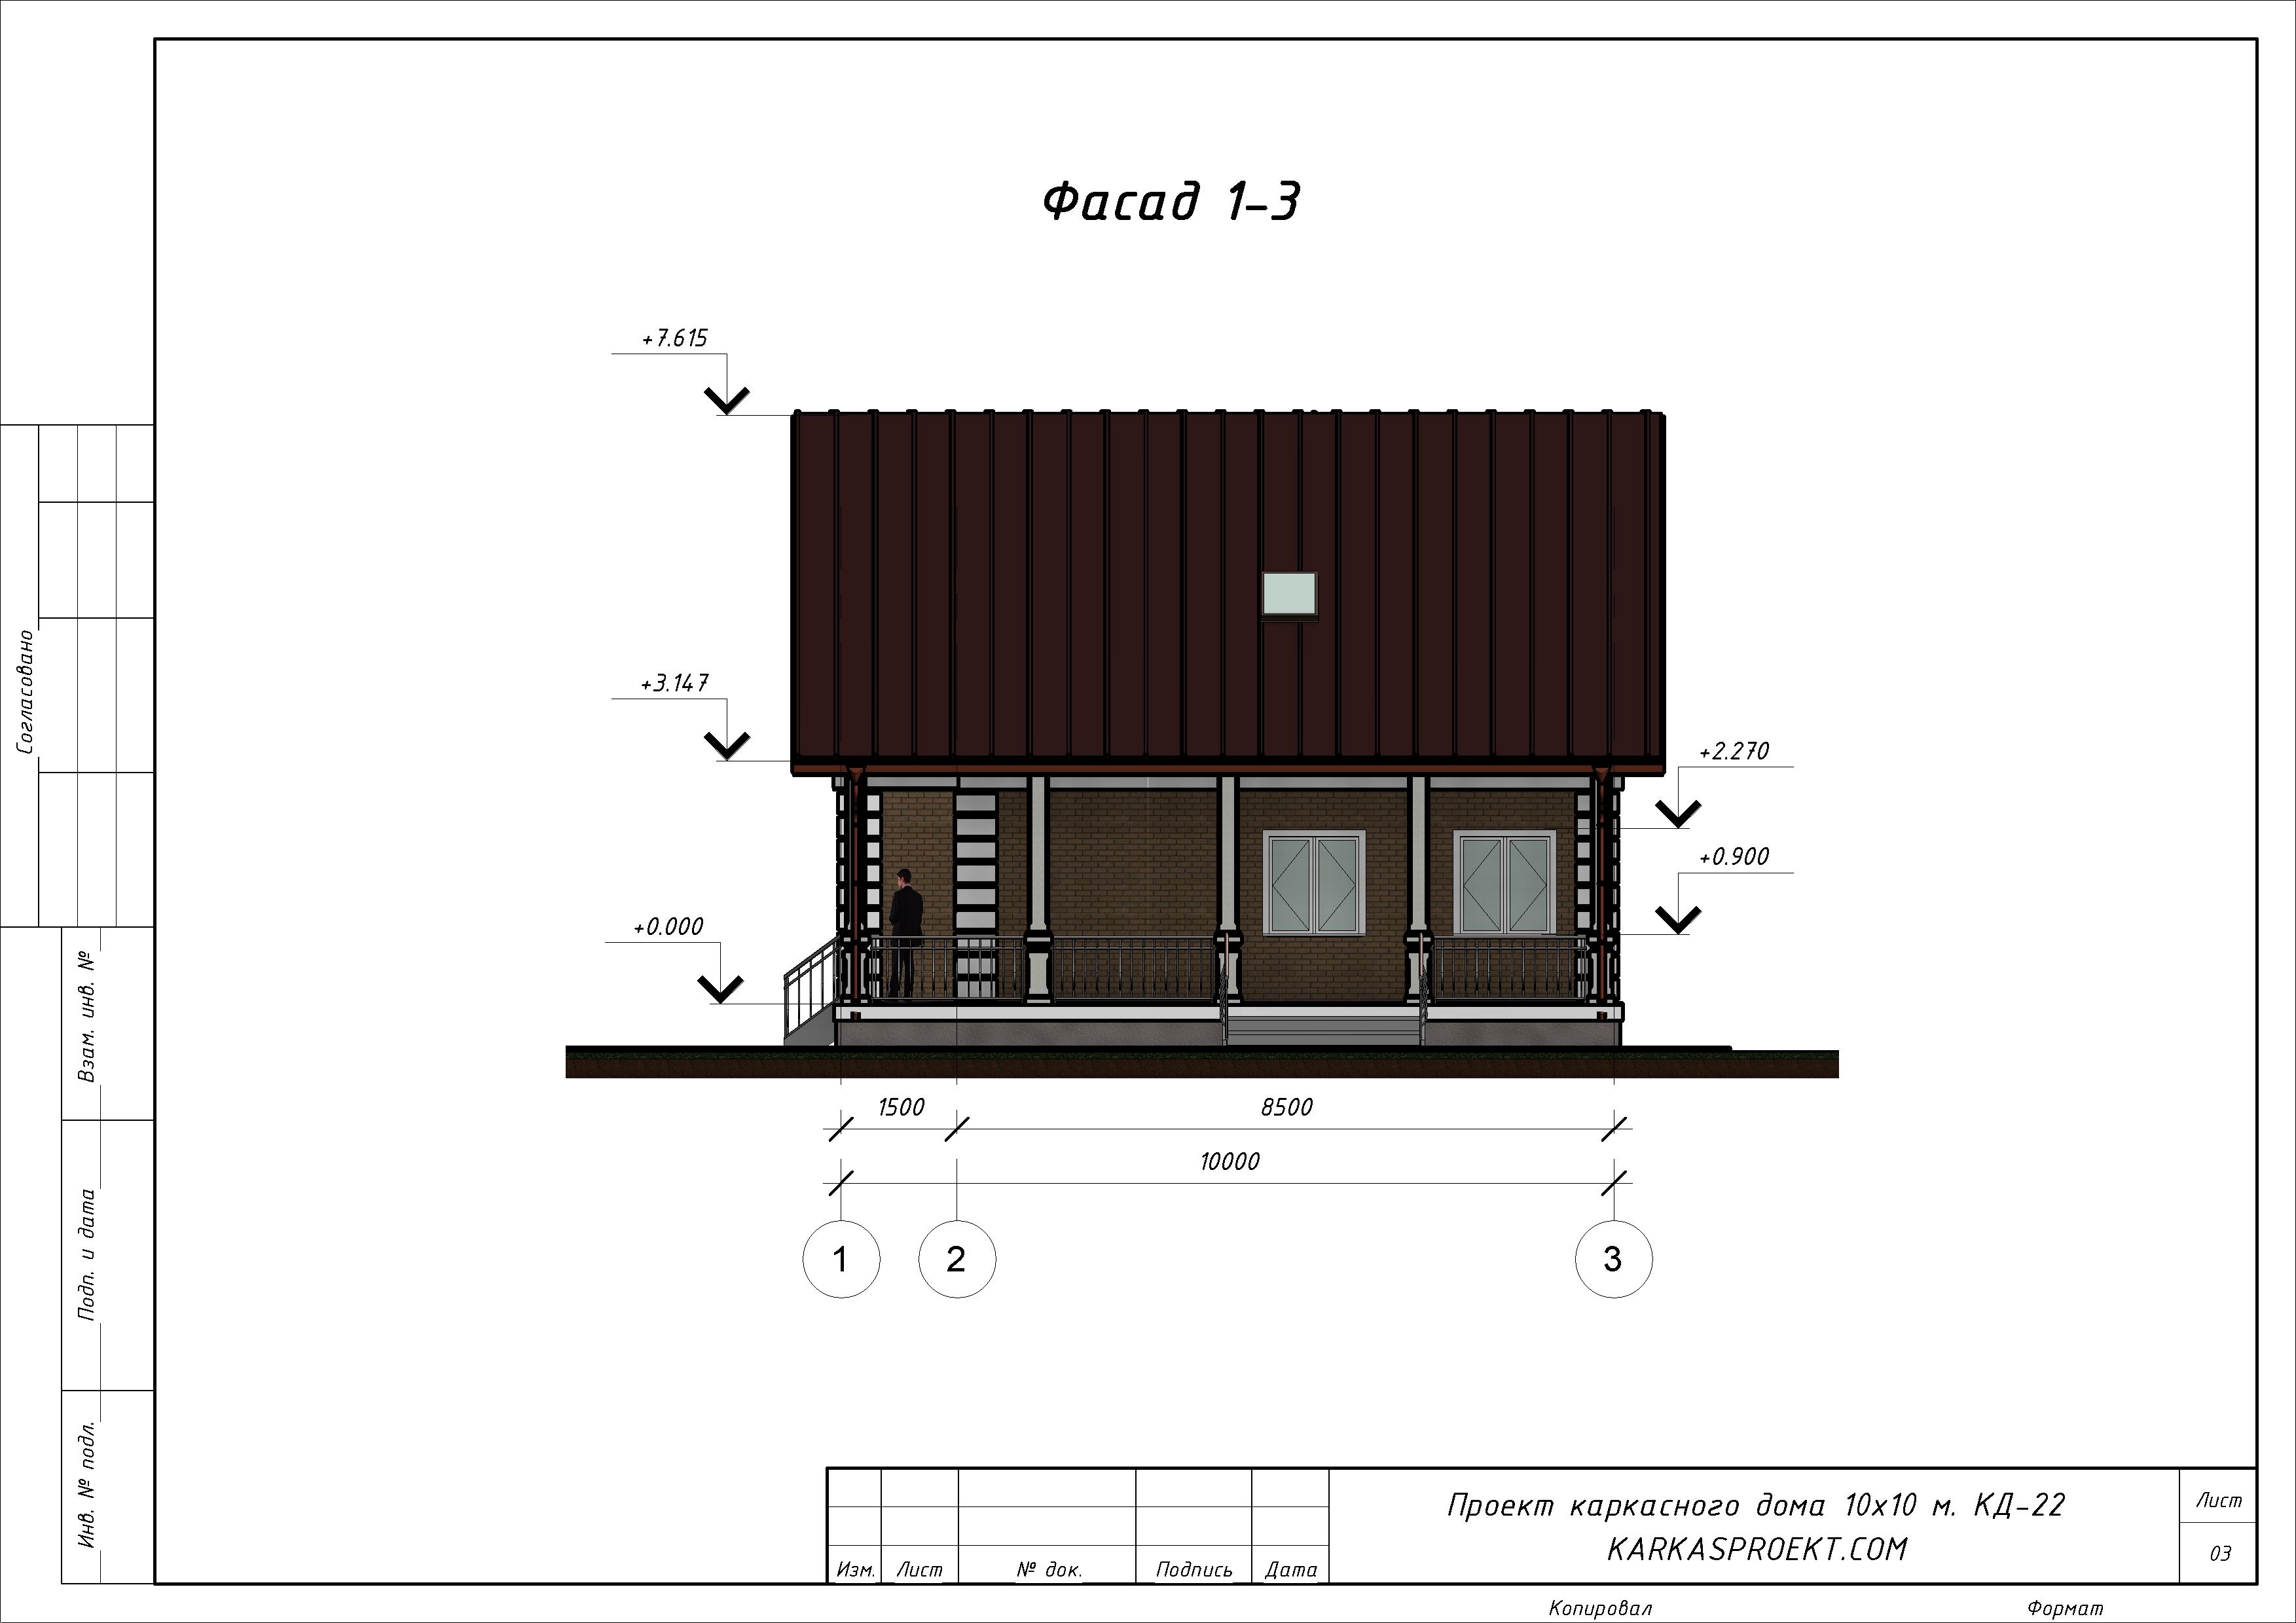 КД-22 - Фасад 1-3